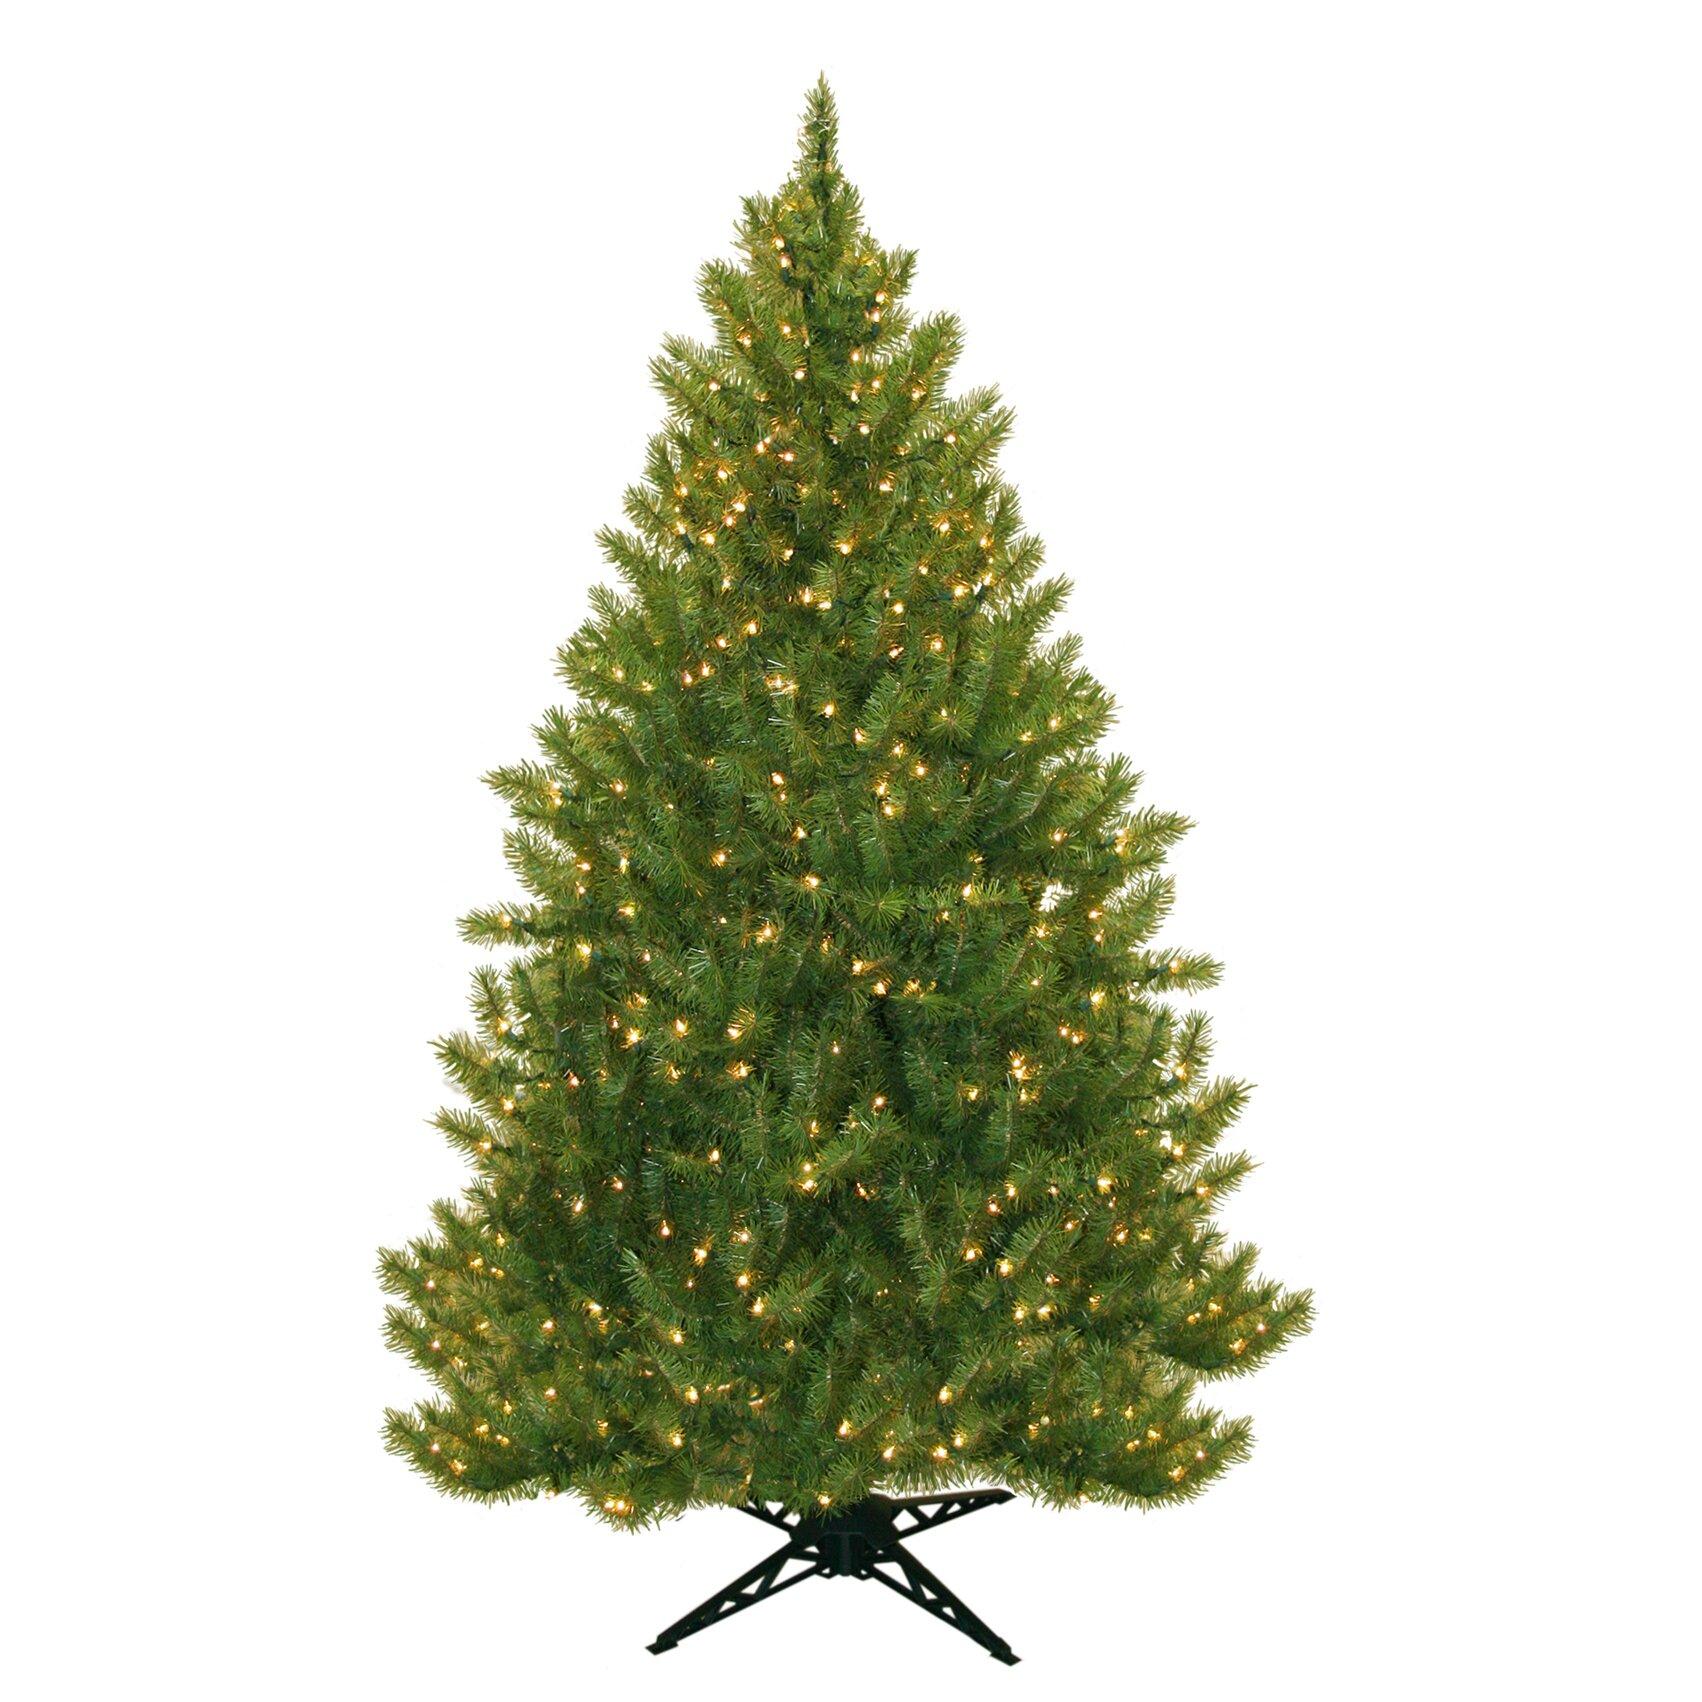 General foam plastics 6 5 39 evergreen fir artificial Best fake christmas tree